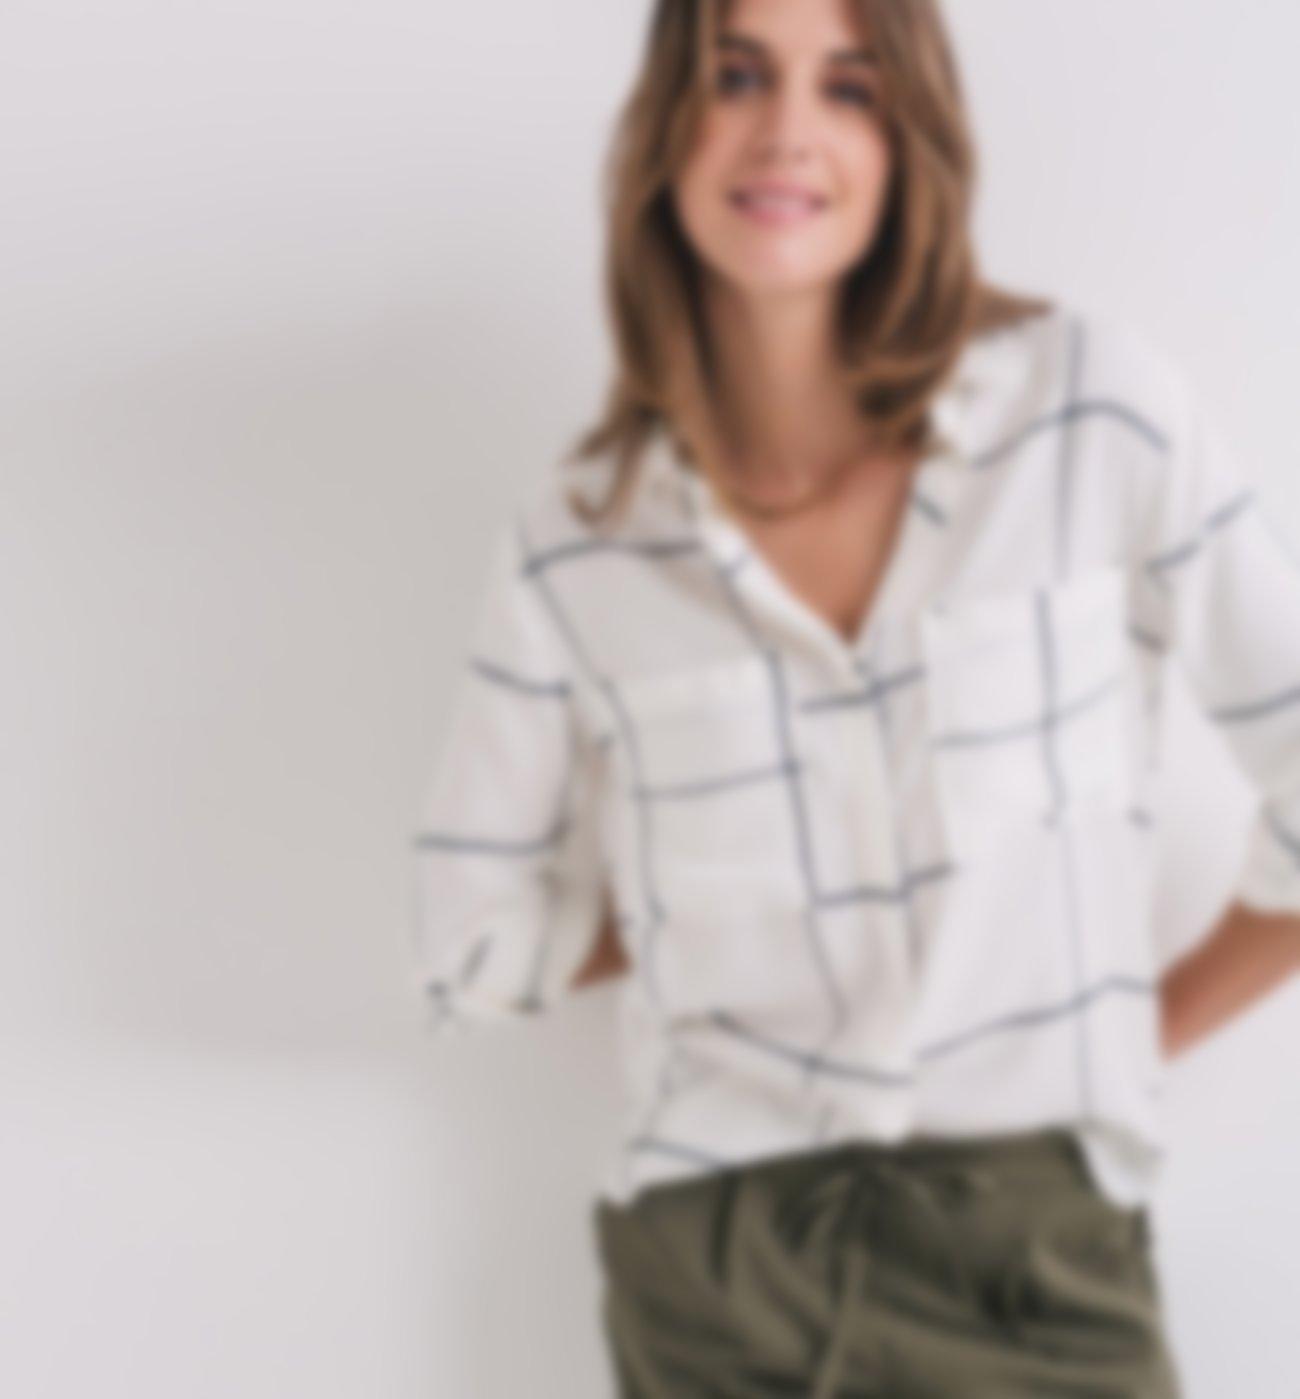 f52a83e81a2 Модные женские рубашки 2018  лучшие модели и идеи